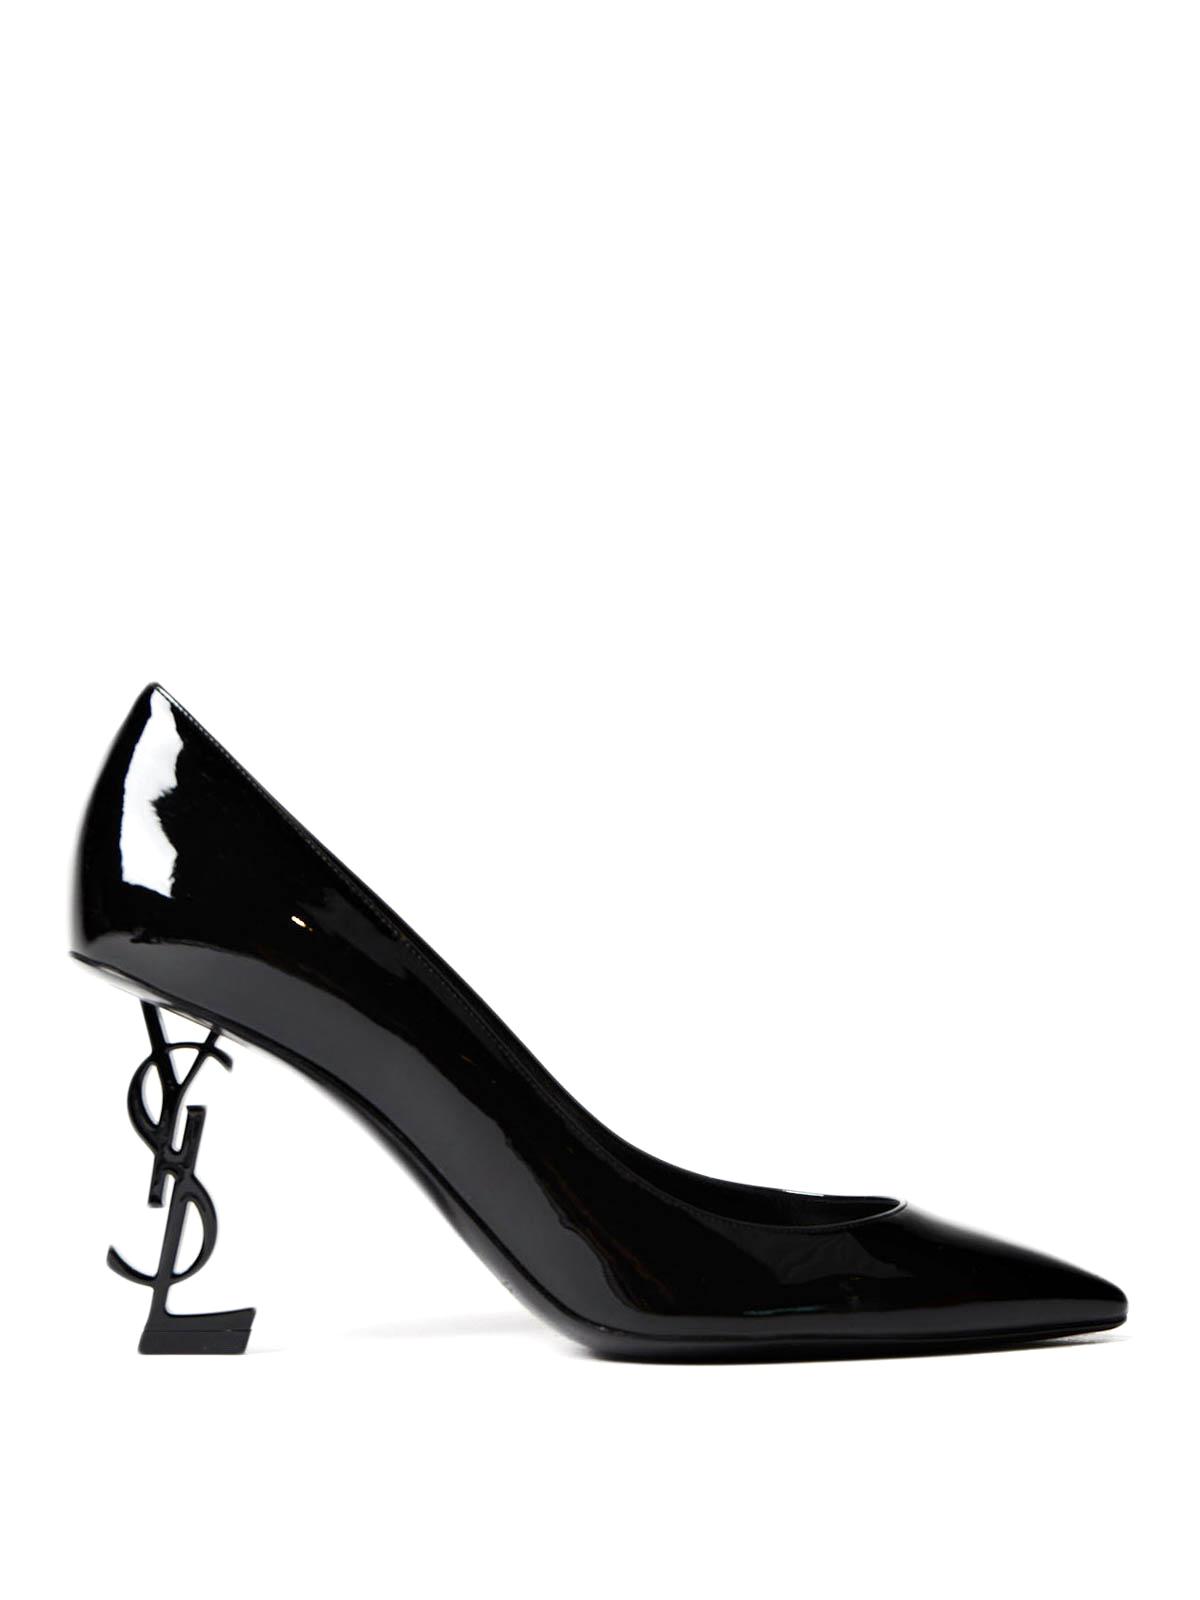 100% autentico bb4fd 73e53 Saint Laurent - Décolleté Opyum con tacco YSL - scarpe ...